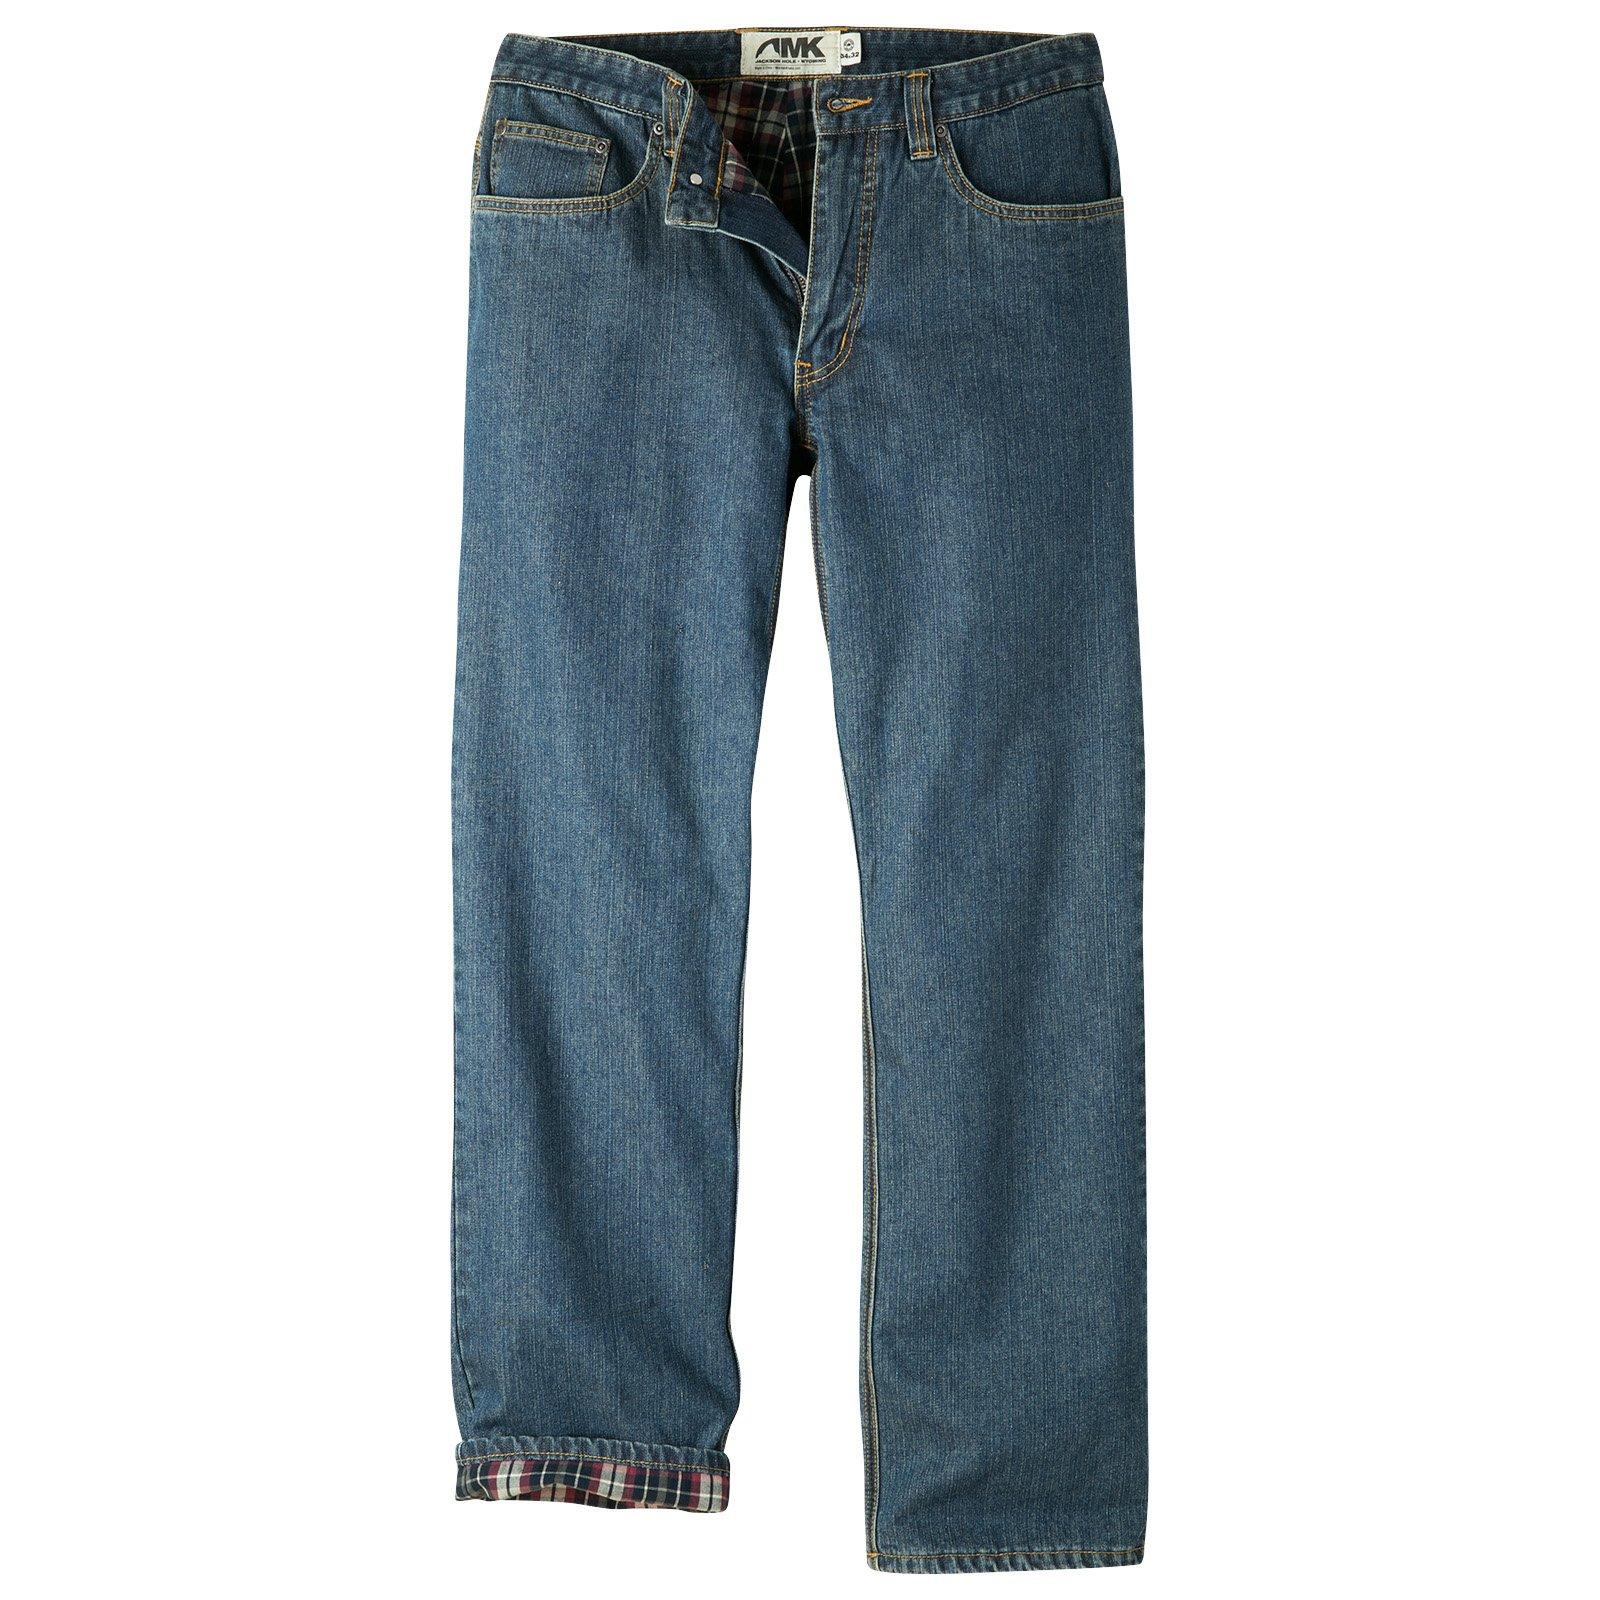 MK Men's Flannel Jean